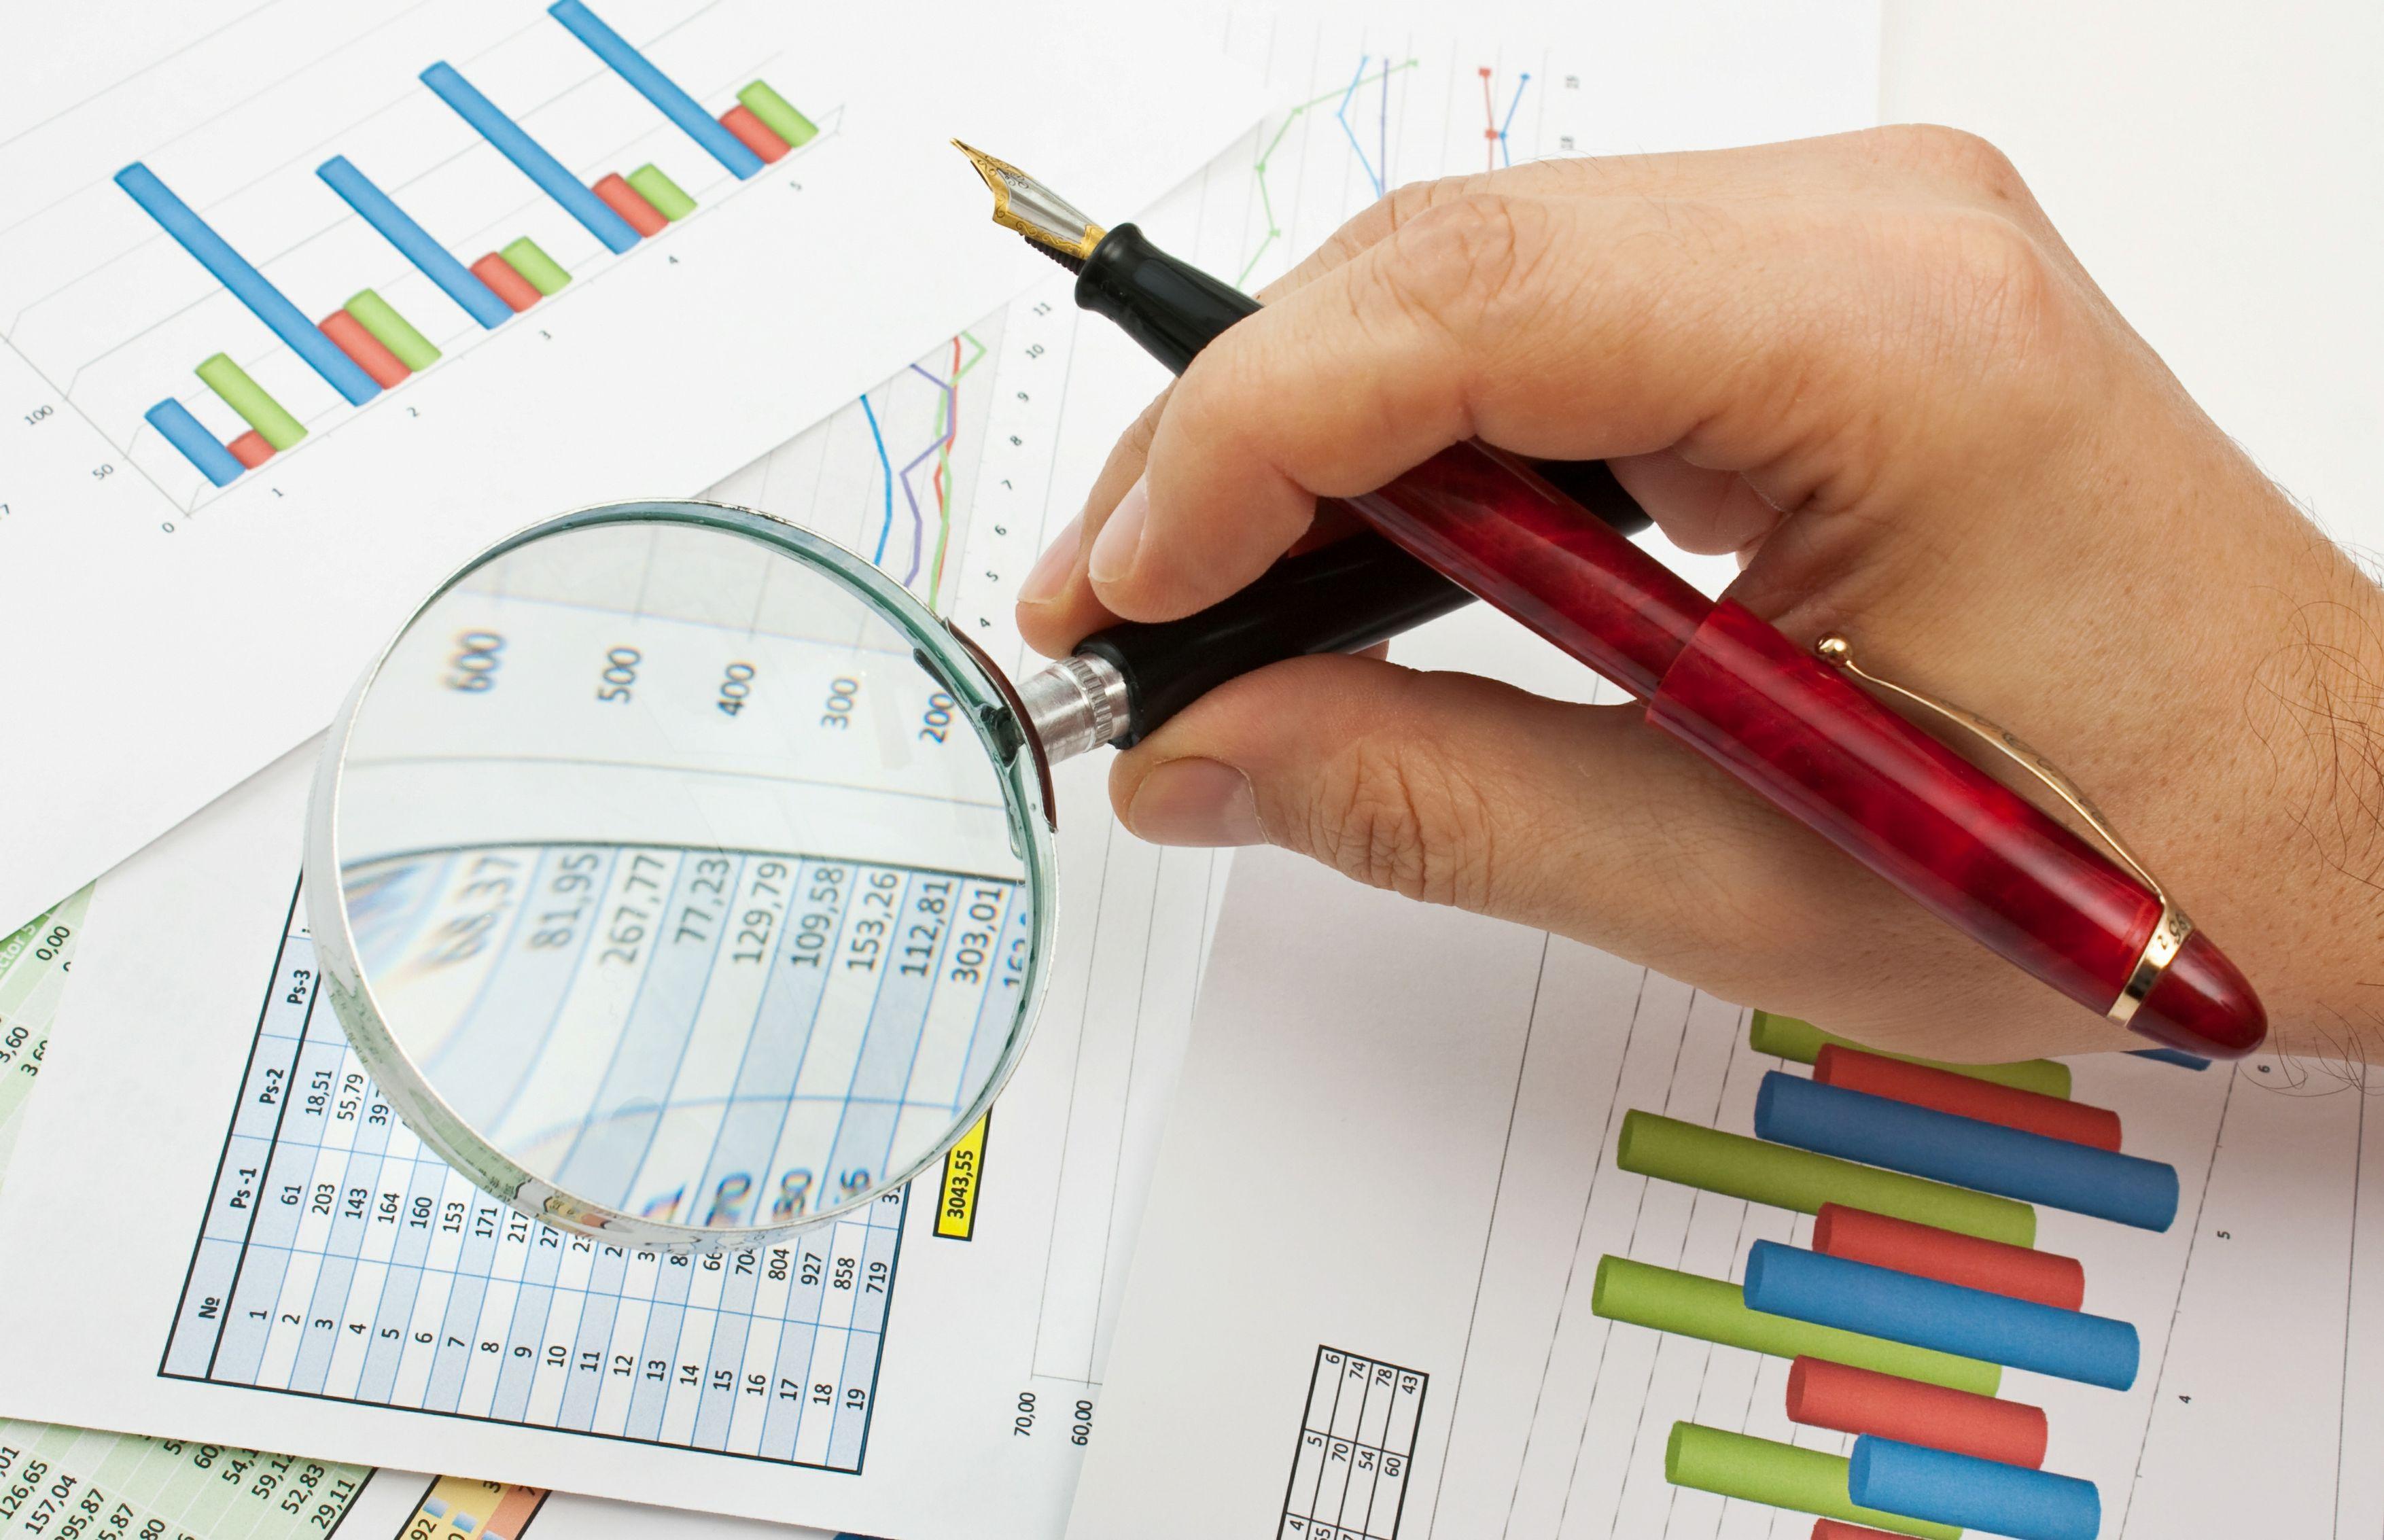 格隆汇港股聚焦(12.12)中国人寿前11月原保费收入升5.66%至5413亿元  渣打13亿美元悉售印尼银行Permata44.56%股权